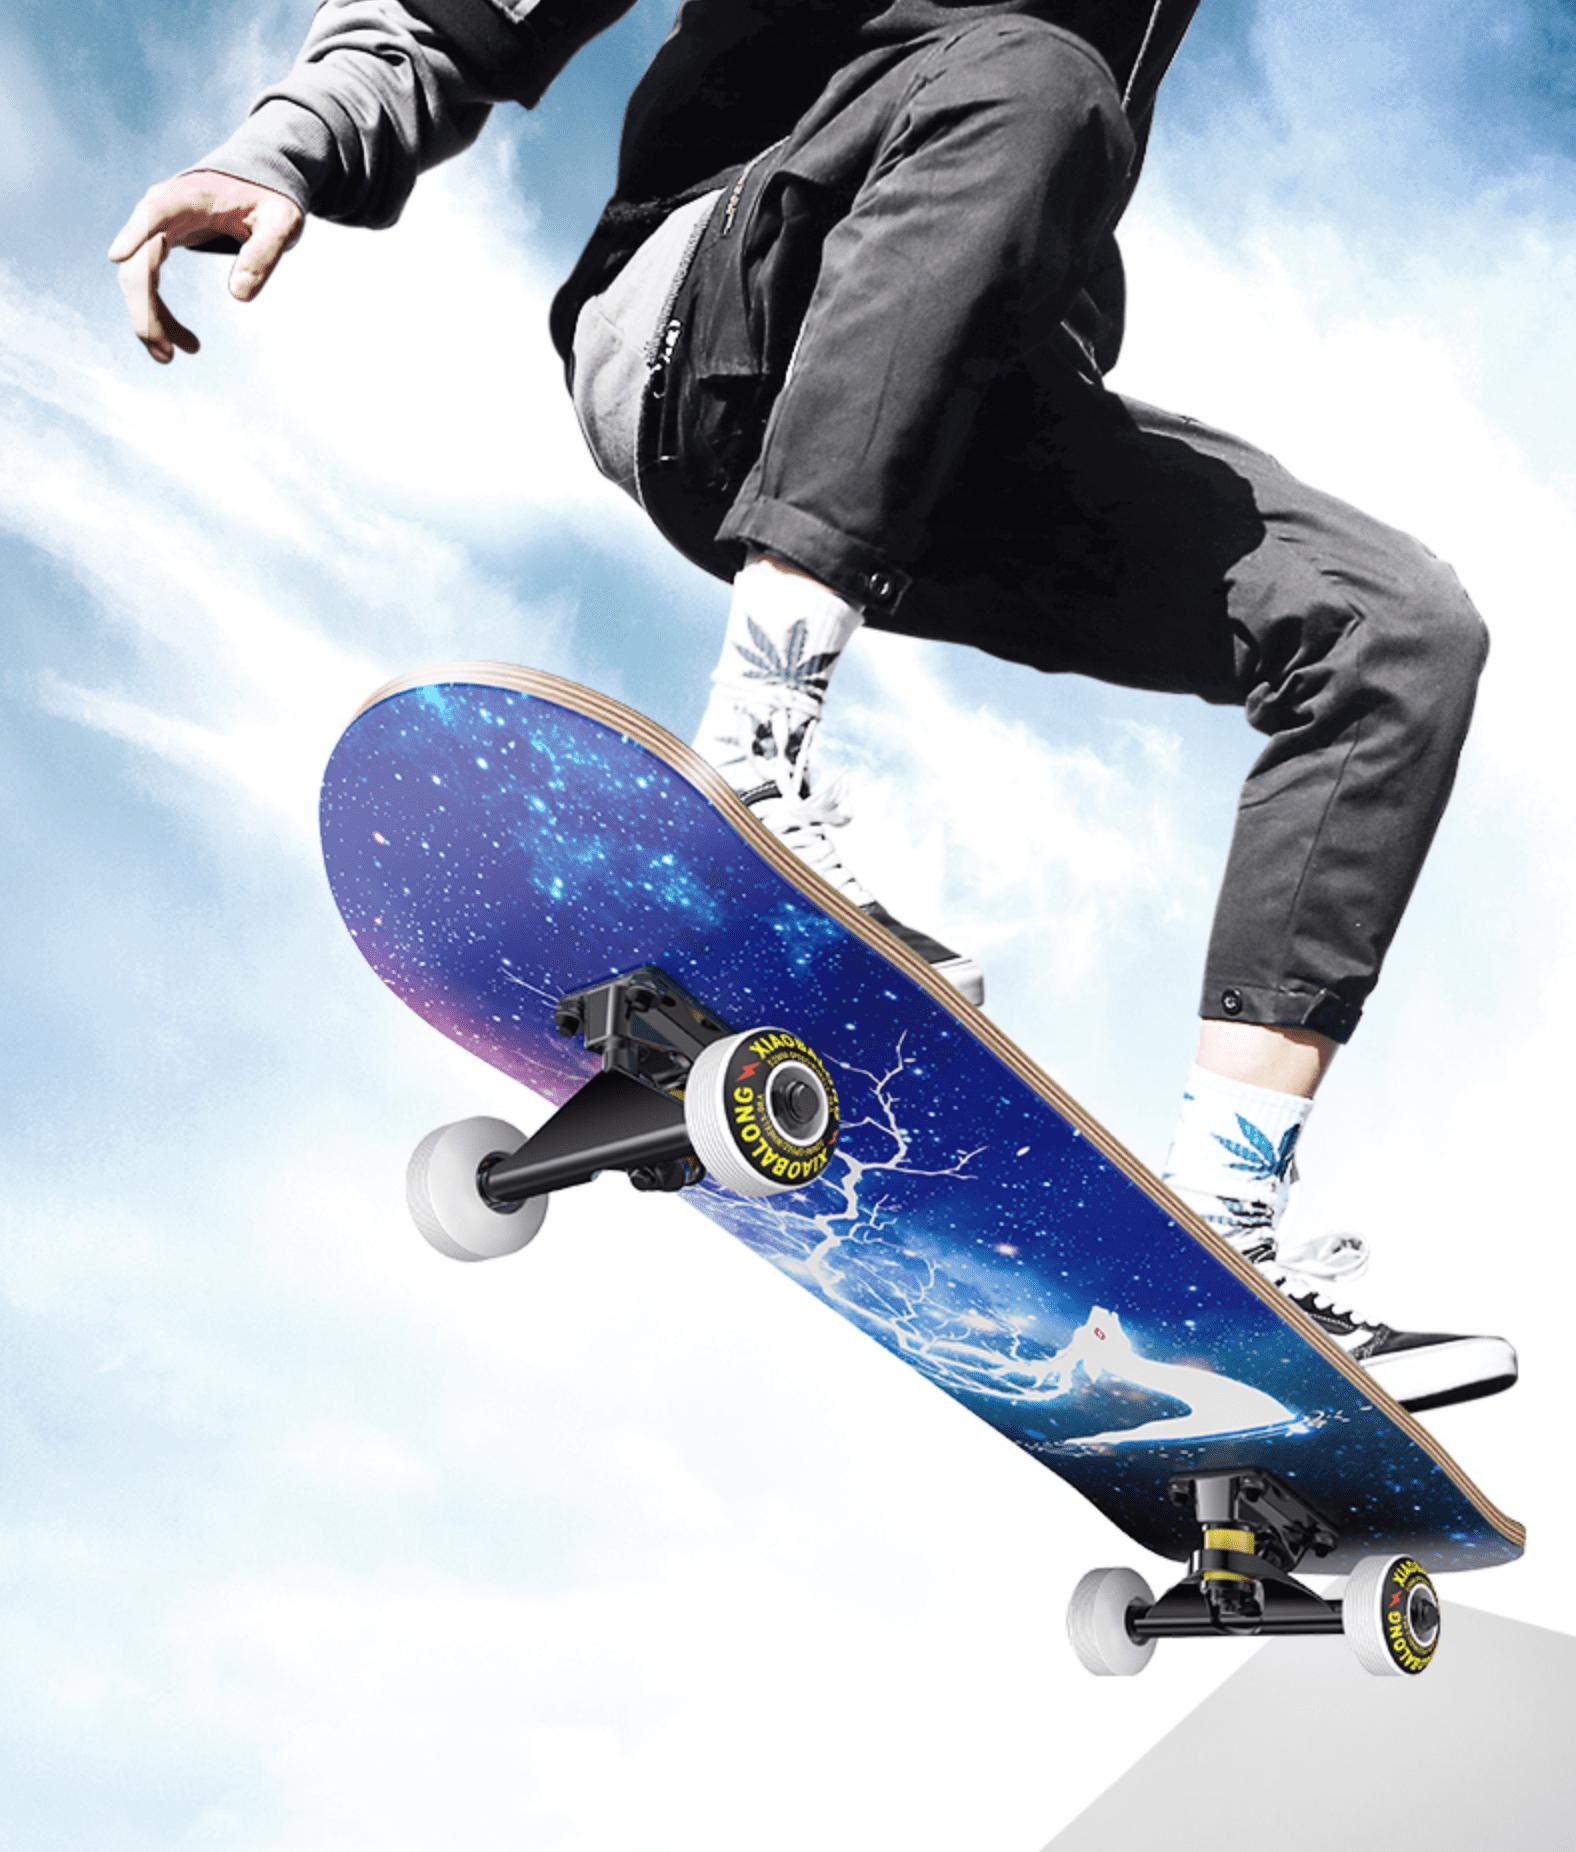 Mua [ SIÊU HOT  ] Ván trượt Skateboard cao cấp mặt nhám , Ván trượt mặt nhám bánh cao su cỡ lớn (Đạt chuẩn thi đấu) , VÁN TRƯỢT THỂ THAO GỖ PHONG ÉP 7 LỚP MẶT NHÁM KT 70x20c10cm , chịu lực 100kg . LỖI 1 ĐỔI 1